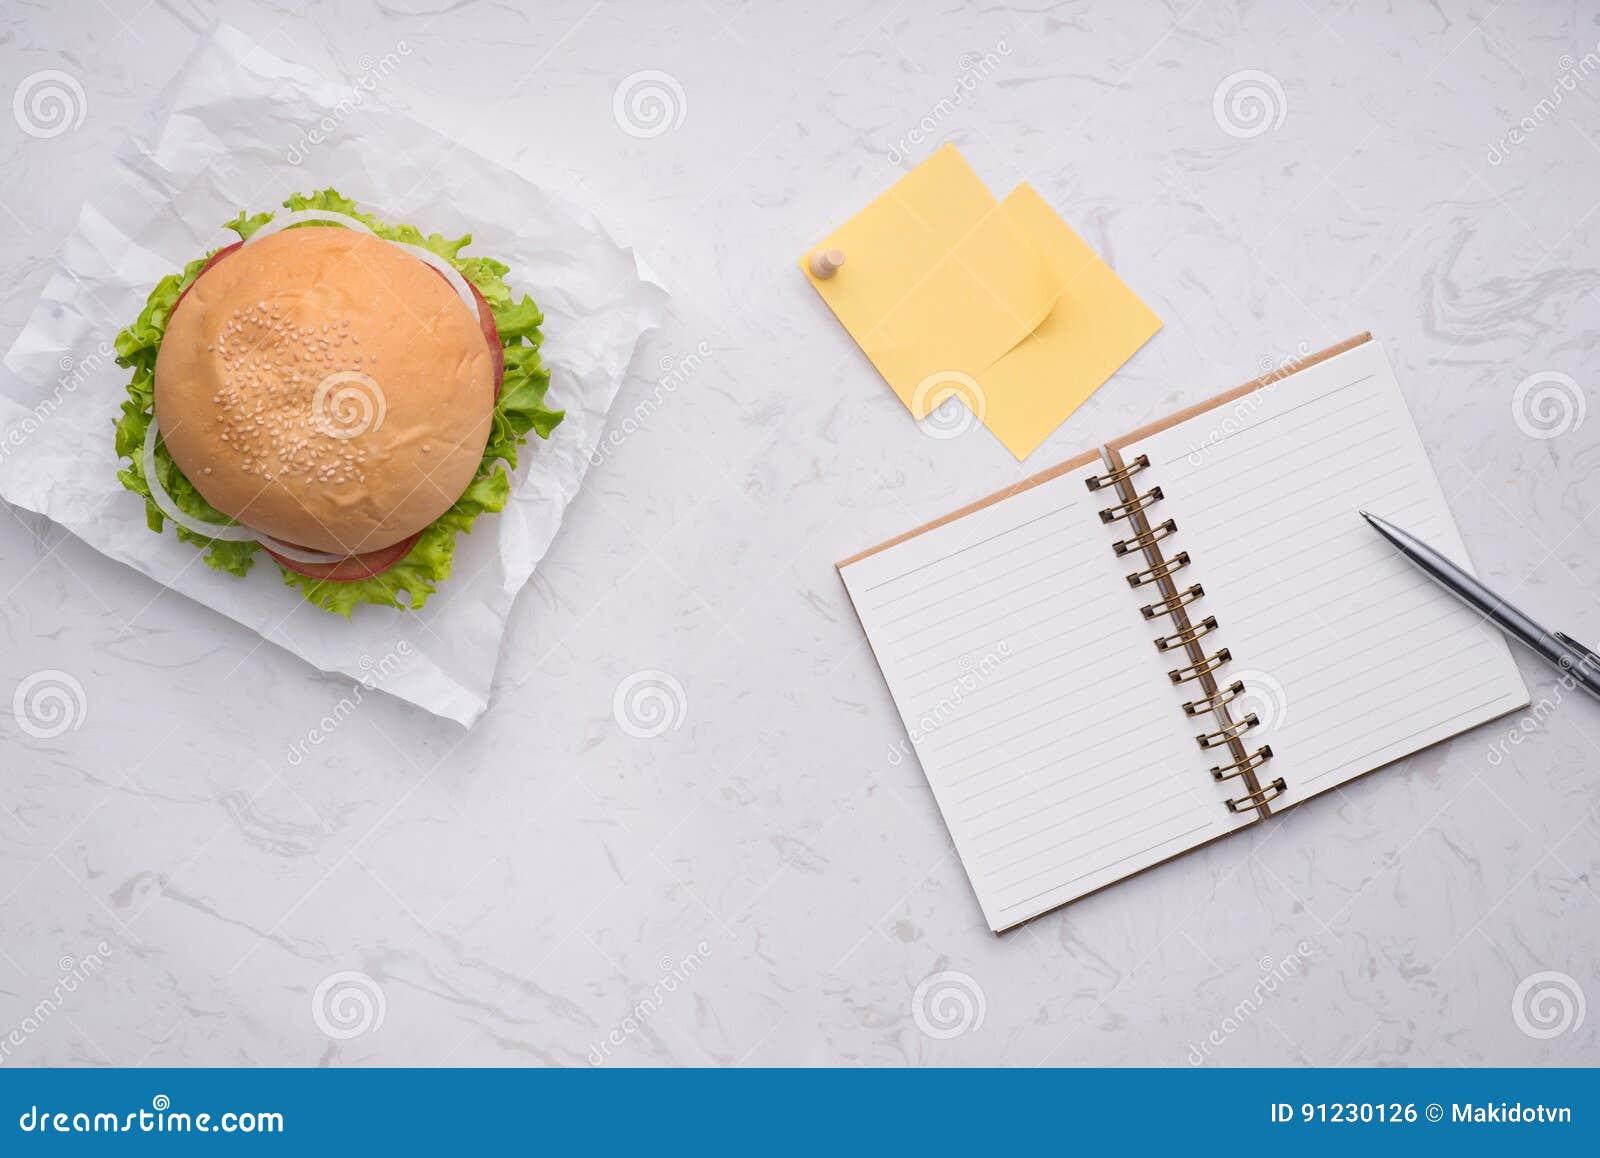 Déjeunez dans le bureau hamburger fait maison délicieux sur la